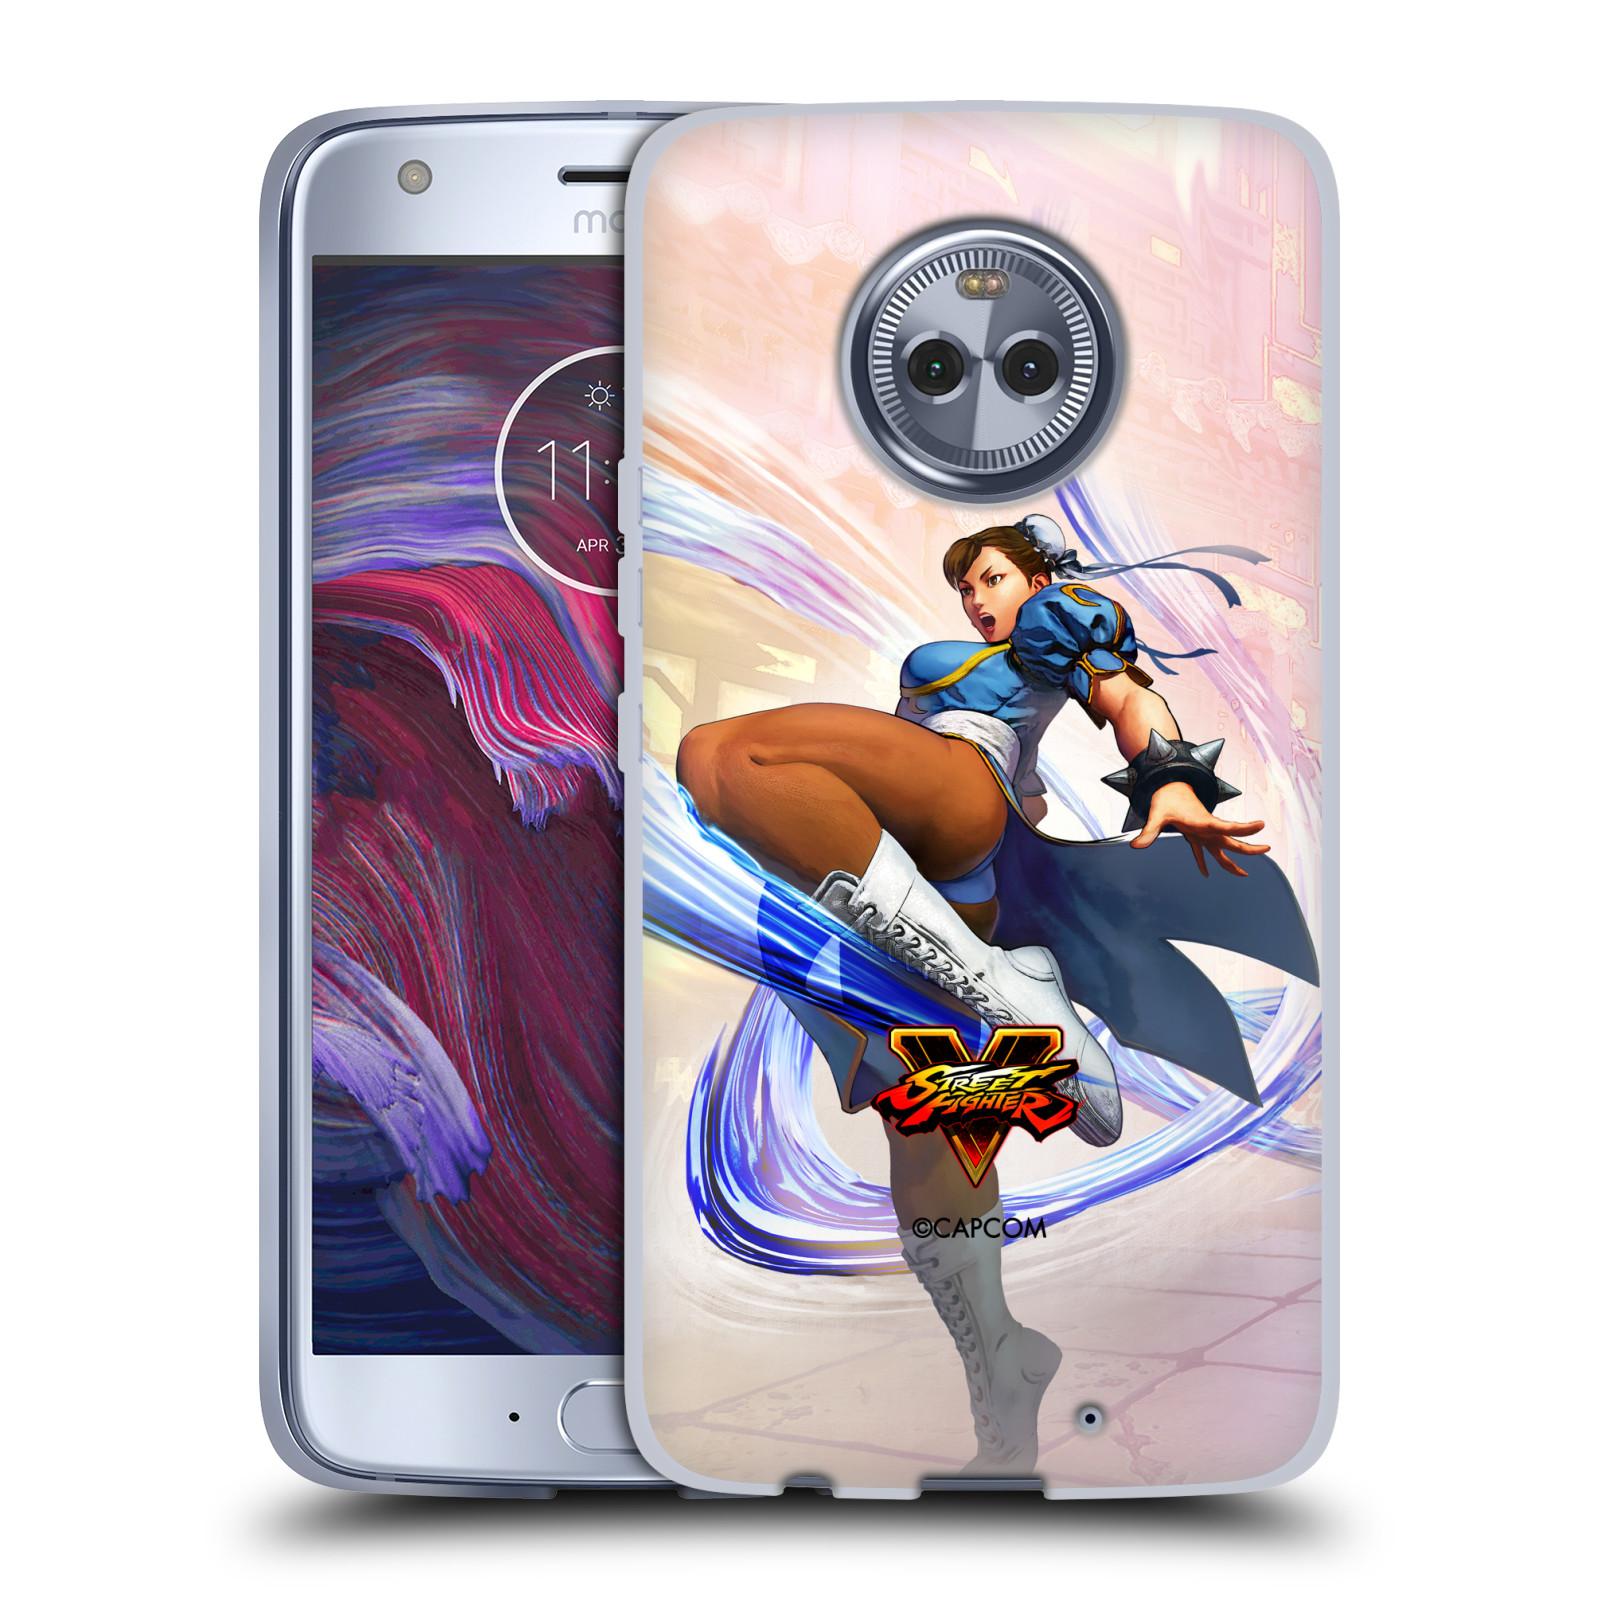 HEAD CASE silikonový obal na mobil Motorola Moto X4 oficiální kryt STREET FIGHTER bojovnice Chun-Li